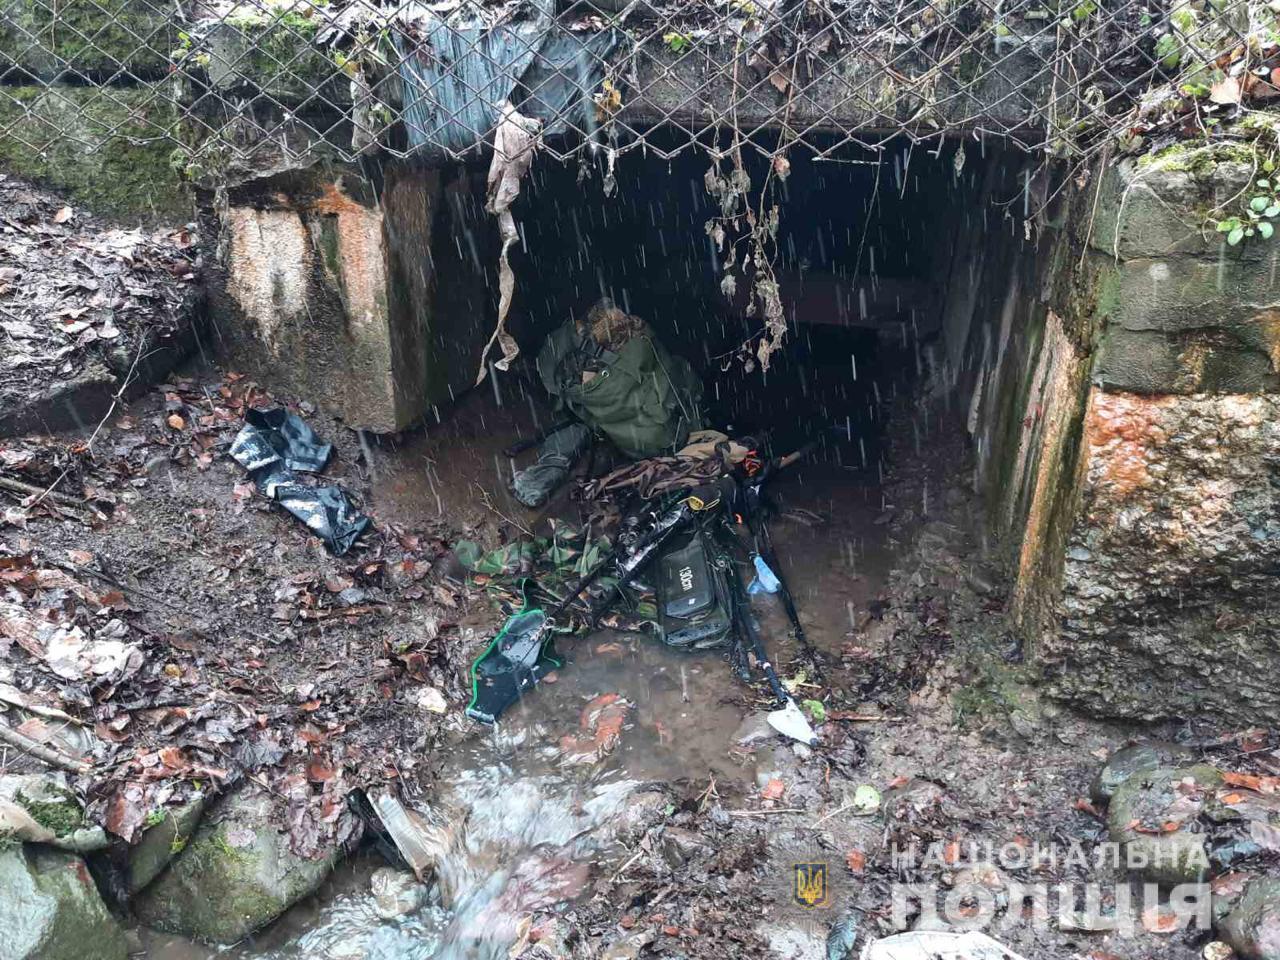 Поліцейські Рахівського відділення розкрили крадіжку товару з магазину, що спеціалізується на продажі мисливсько-рибальського спорядження.